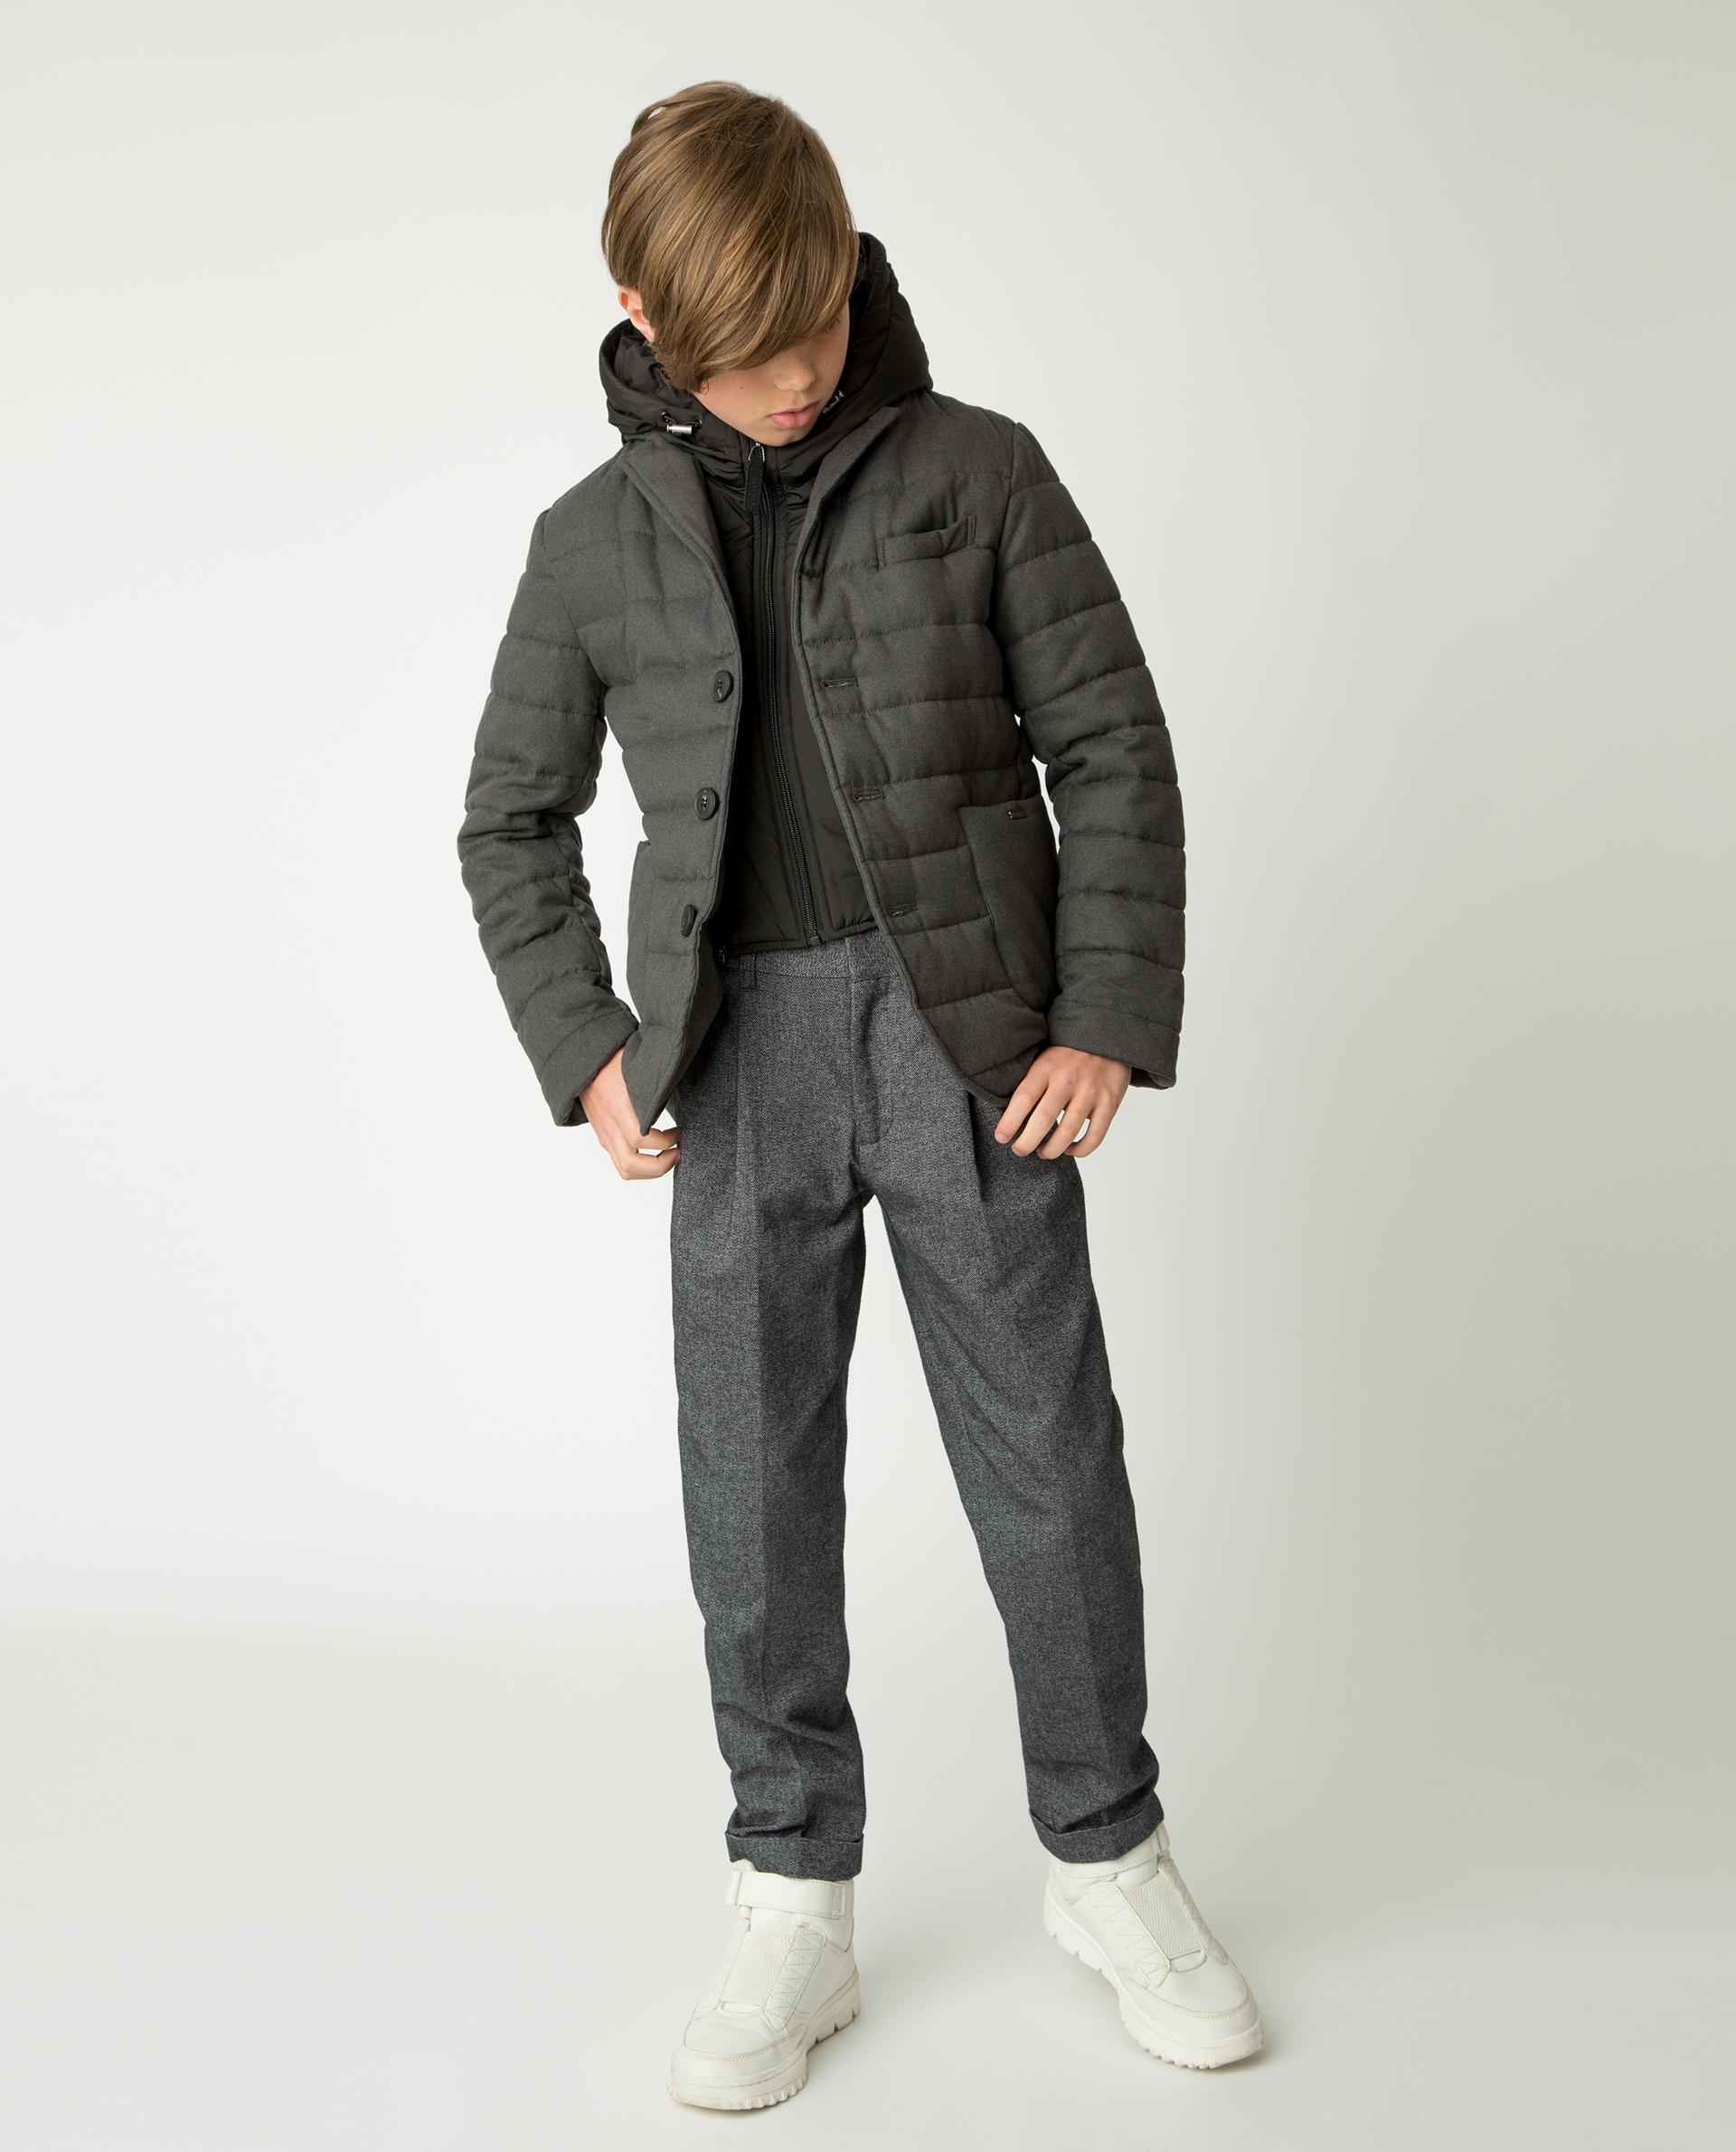 Купить 220GSBC4102, Серая демисезонная куртка Gulliver, серый, 170, Мужской, Демисезон, ШКОЛЬНАЯ ФОРМА 2020-2021 (shop: GulliverMarket Gulliver Market)